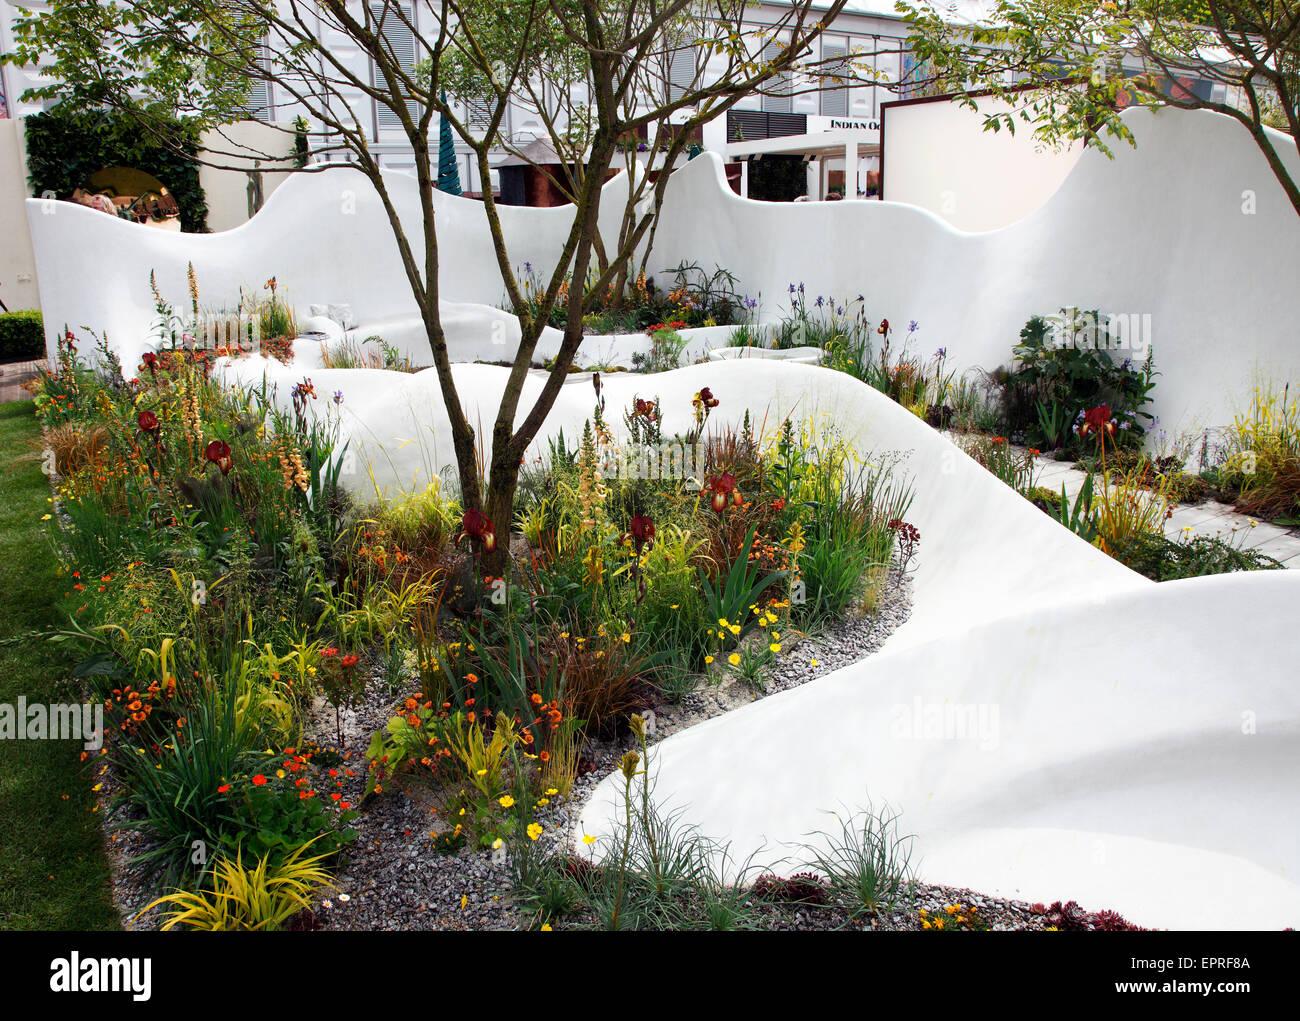 pure land foundation garden, fresh garden at rhs chelsea flower show